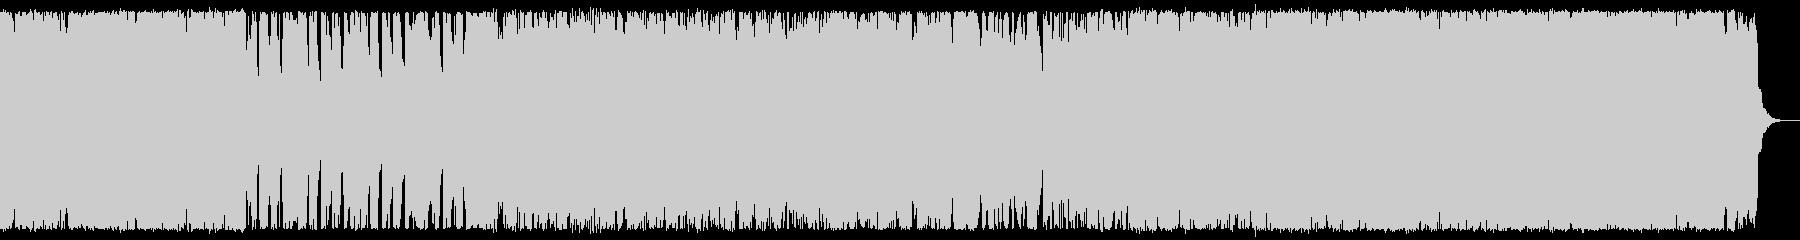 ポップでクールなメロディのシンセBGMの未再生の波形